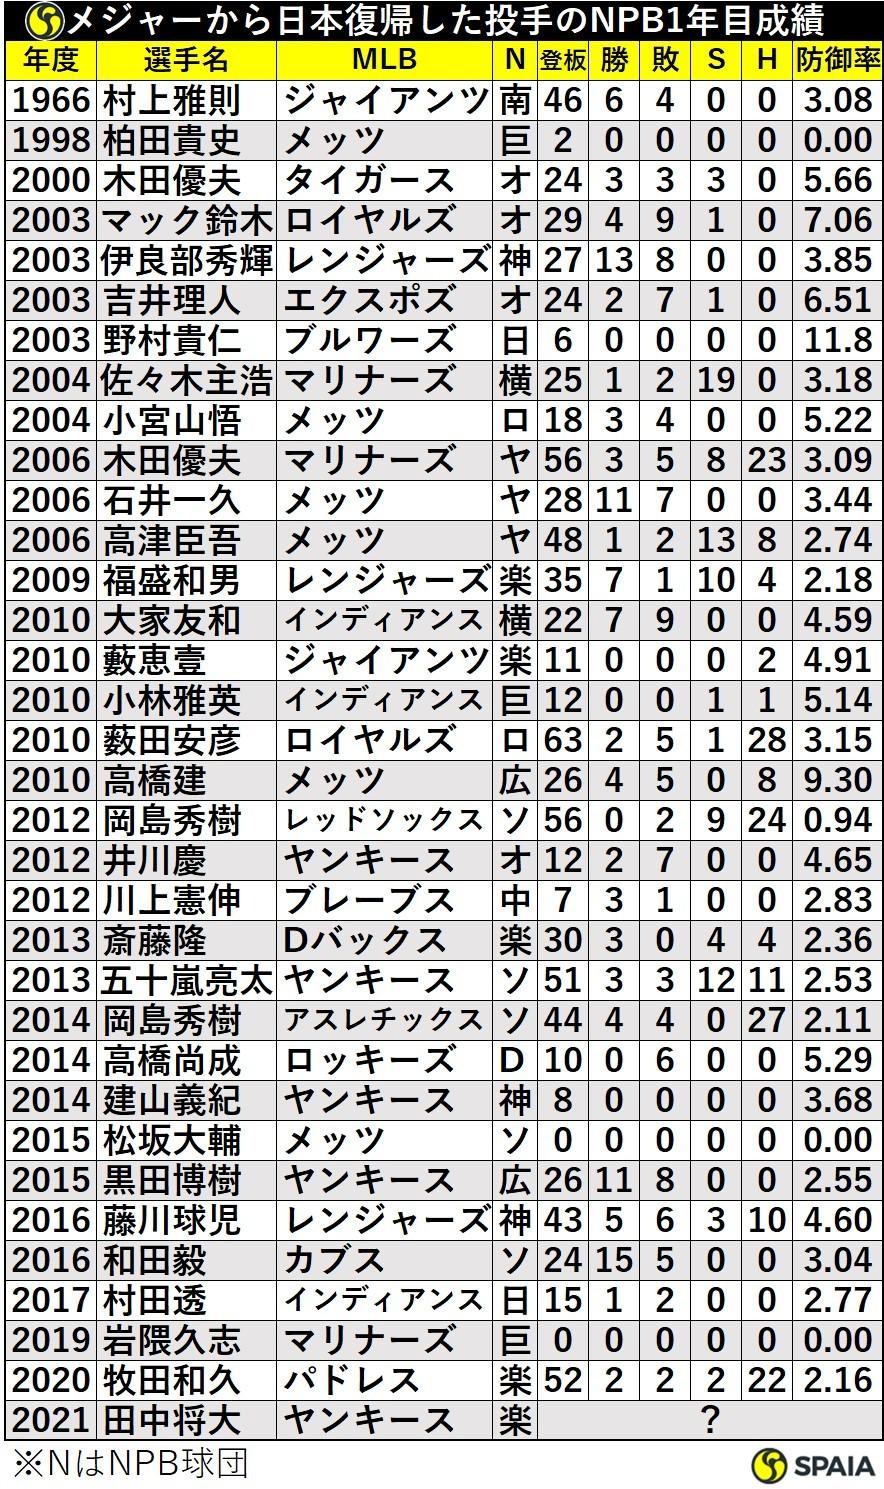 メジャーから日本復帰した投手のNPB1年目成績